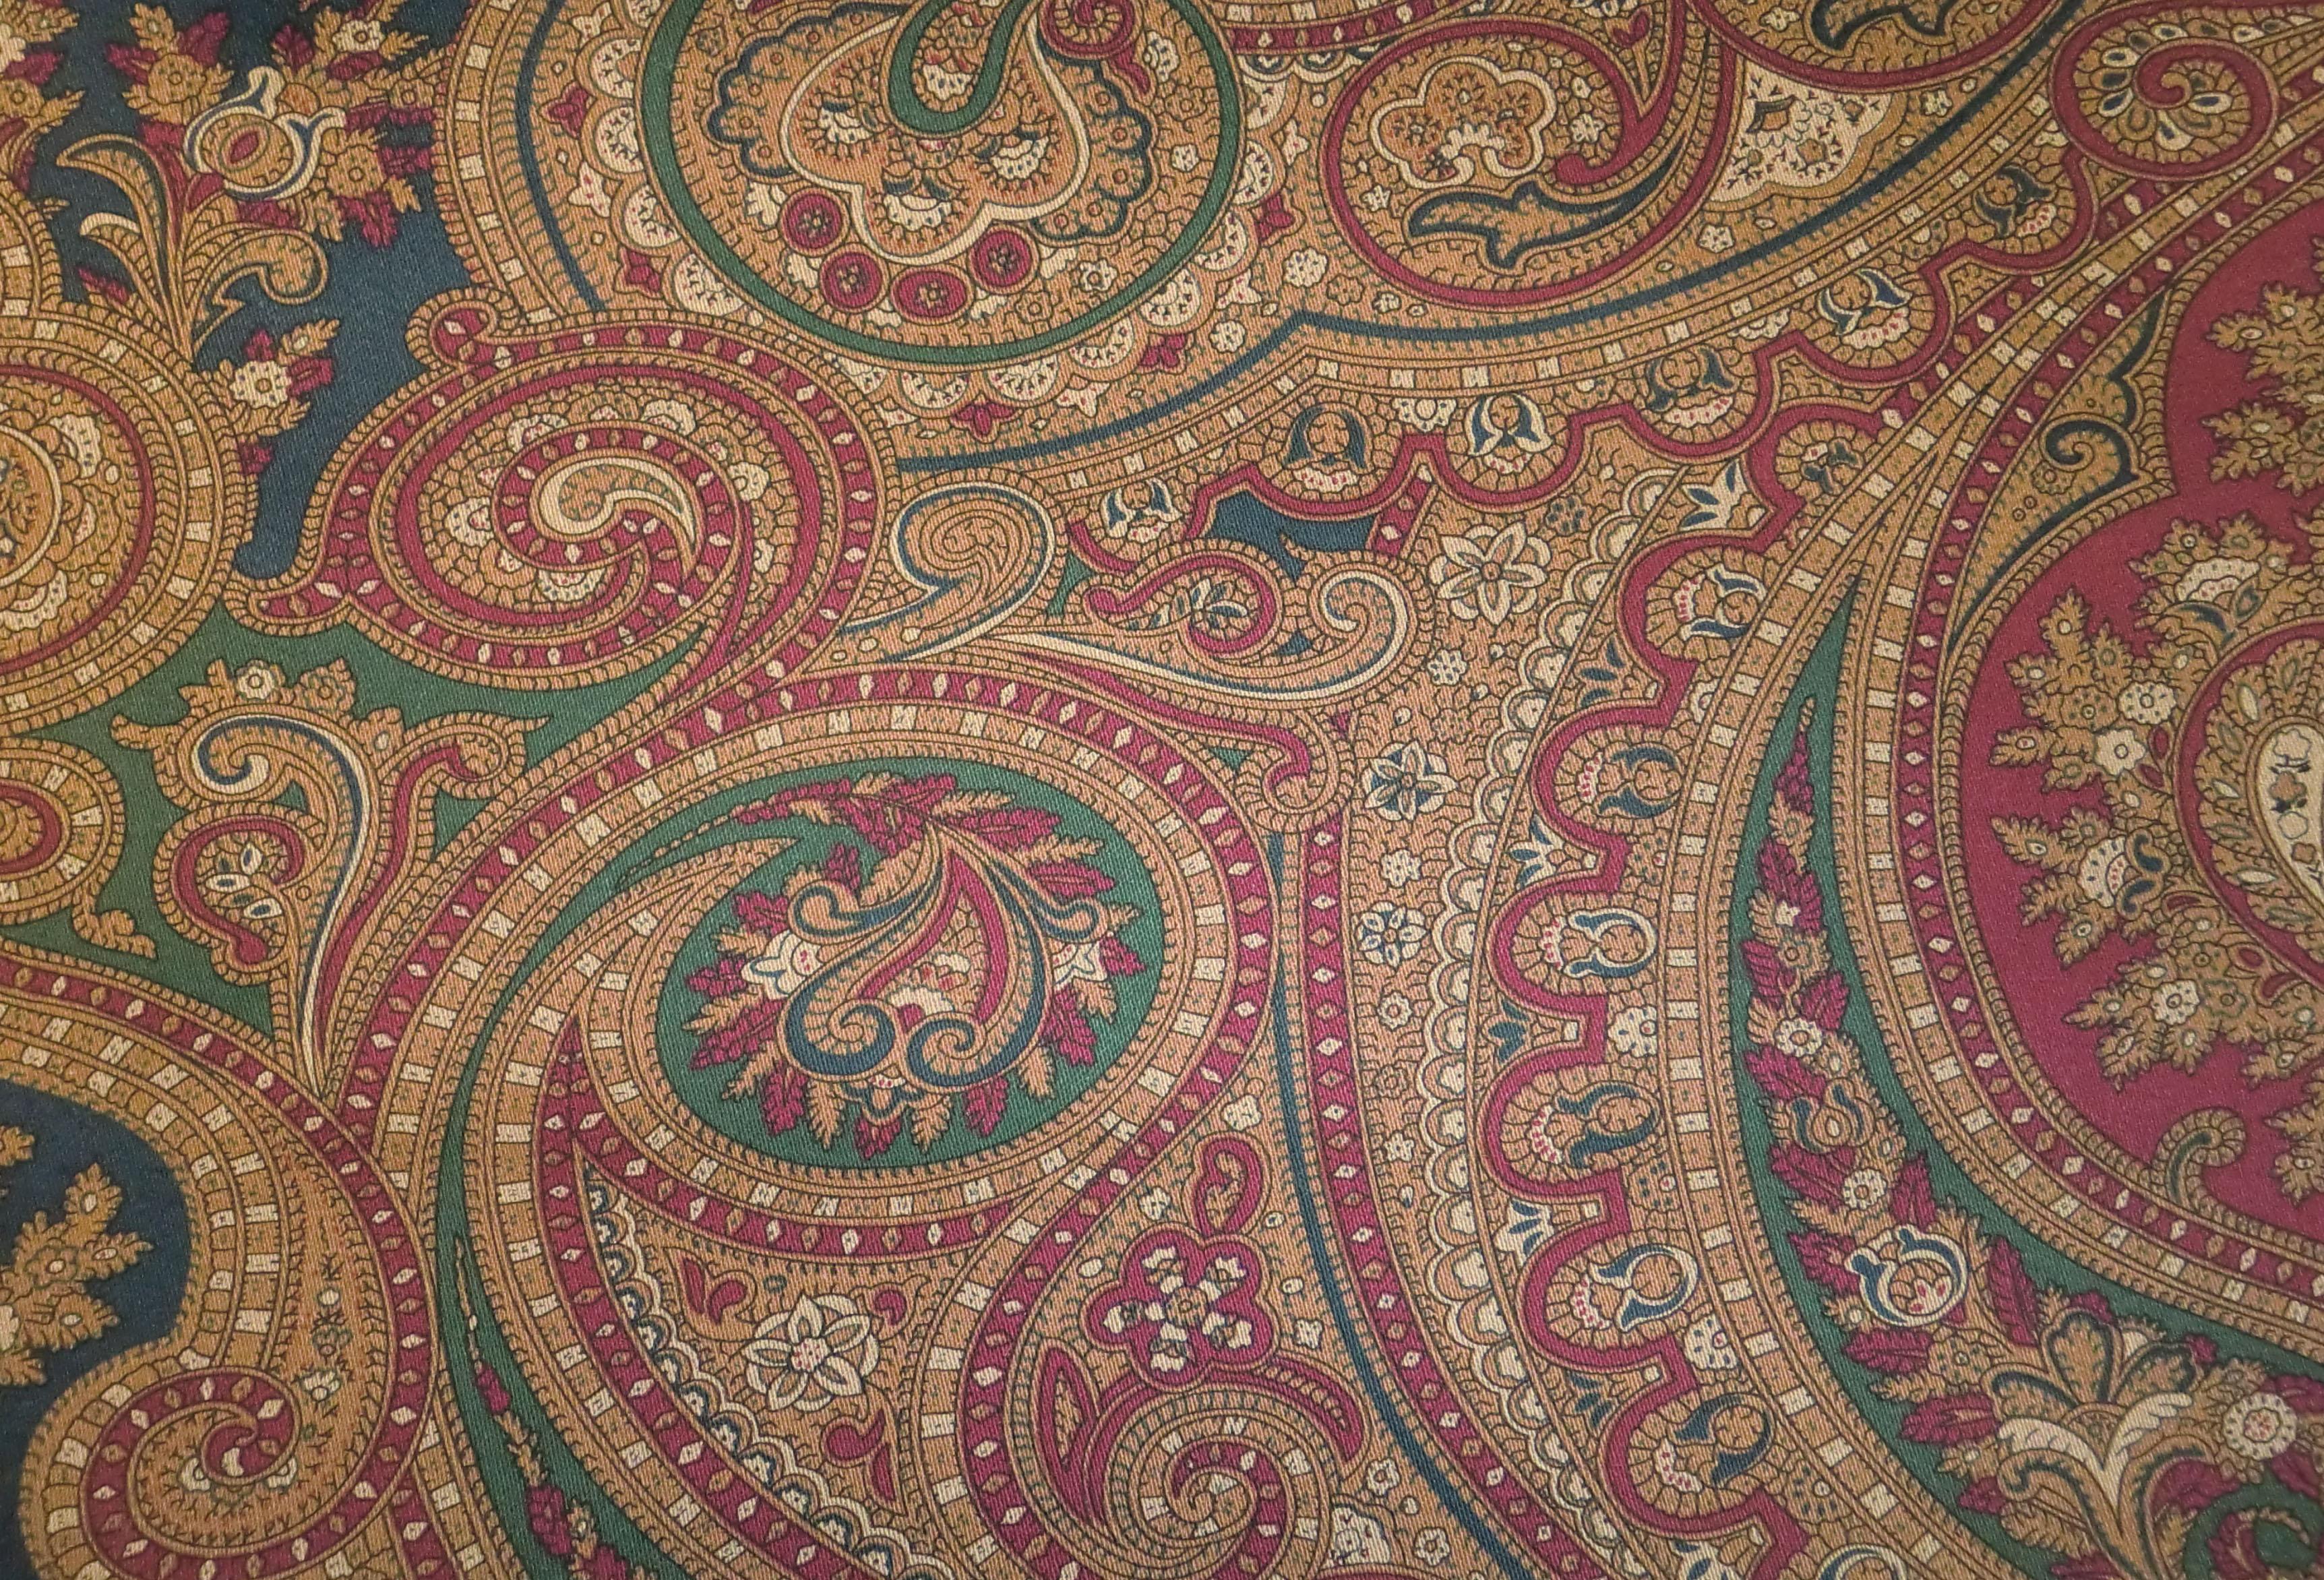 Ralph lauren fabrics ashbourne paisley navy hunter - Ralph lauren wallpaper ...